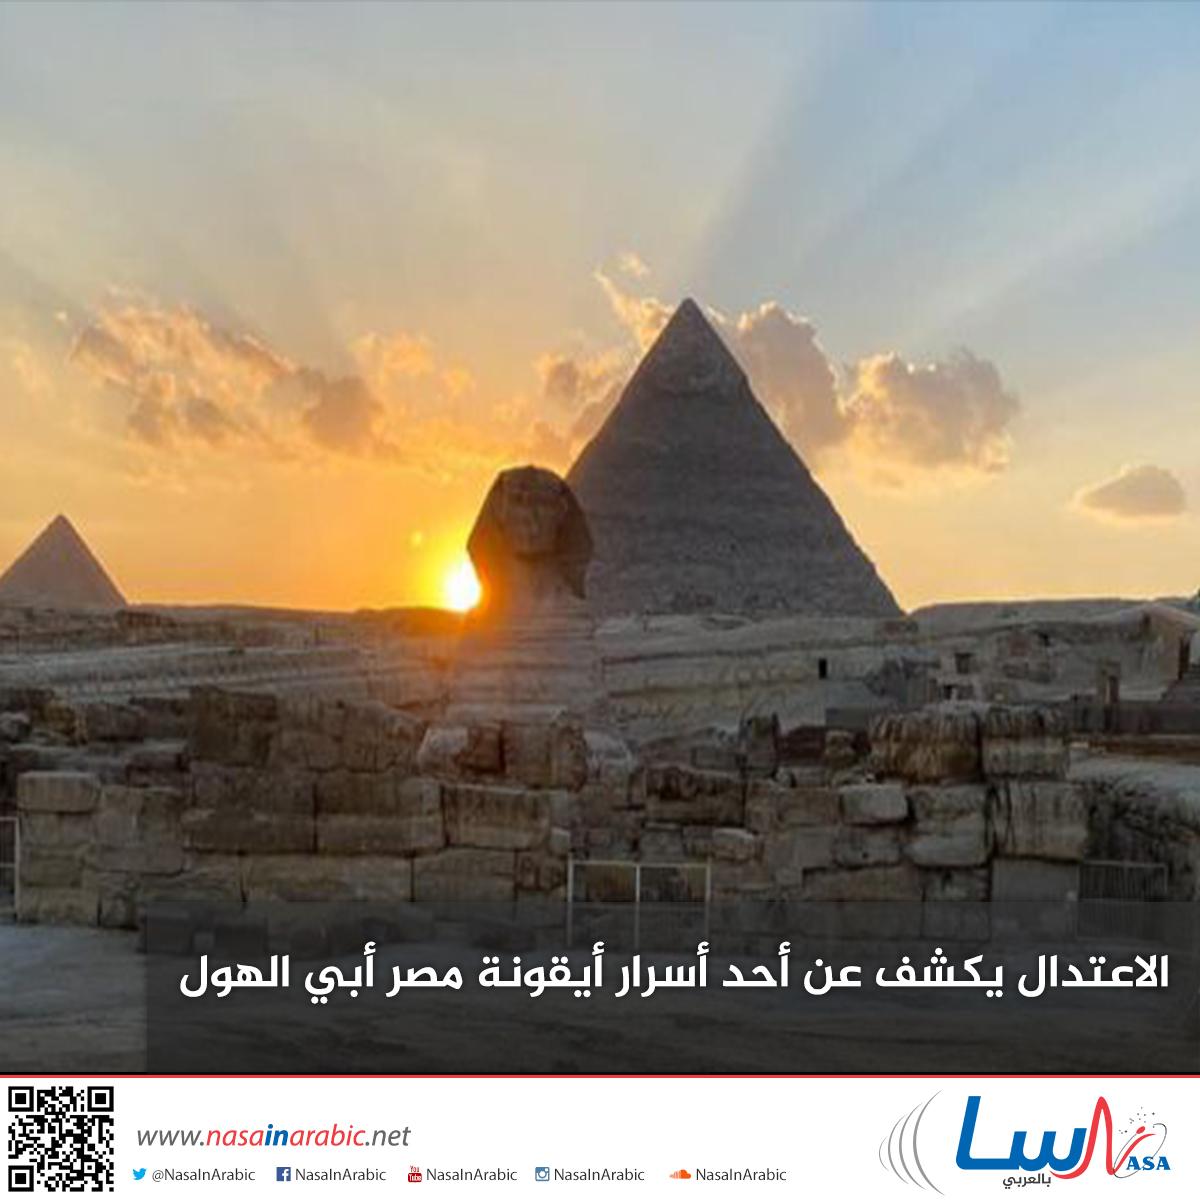 الاعتدال يكشف عن أحد أسرار أيقونة مصر أبي الهول